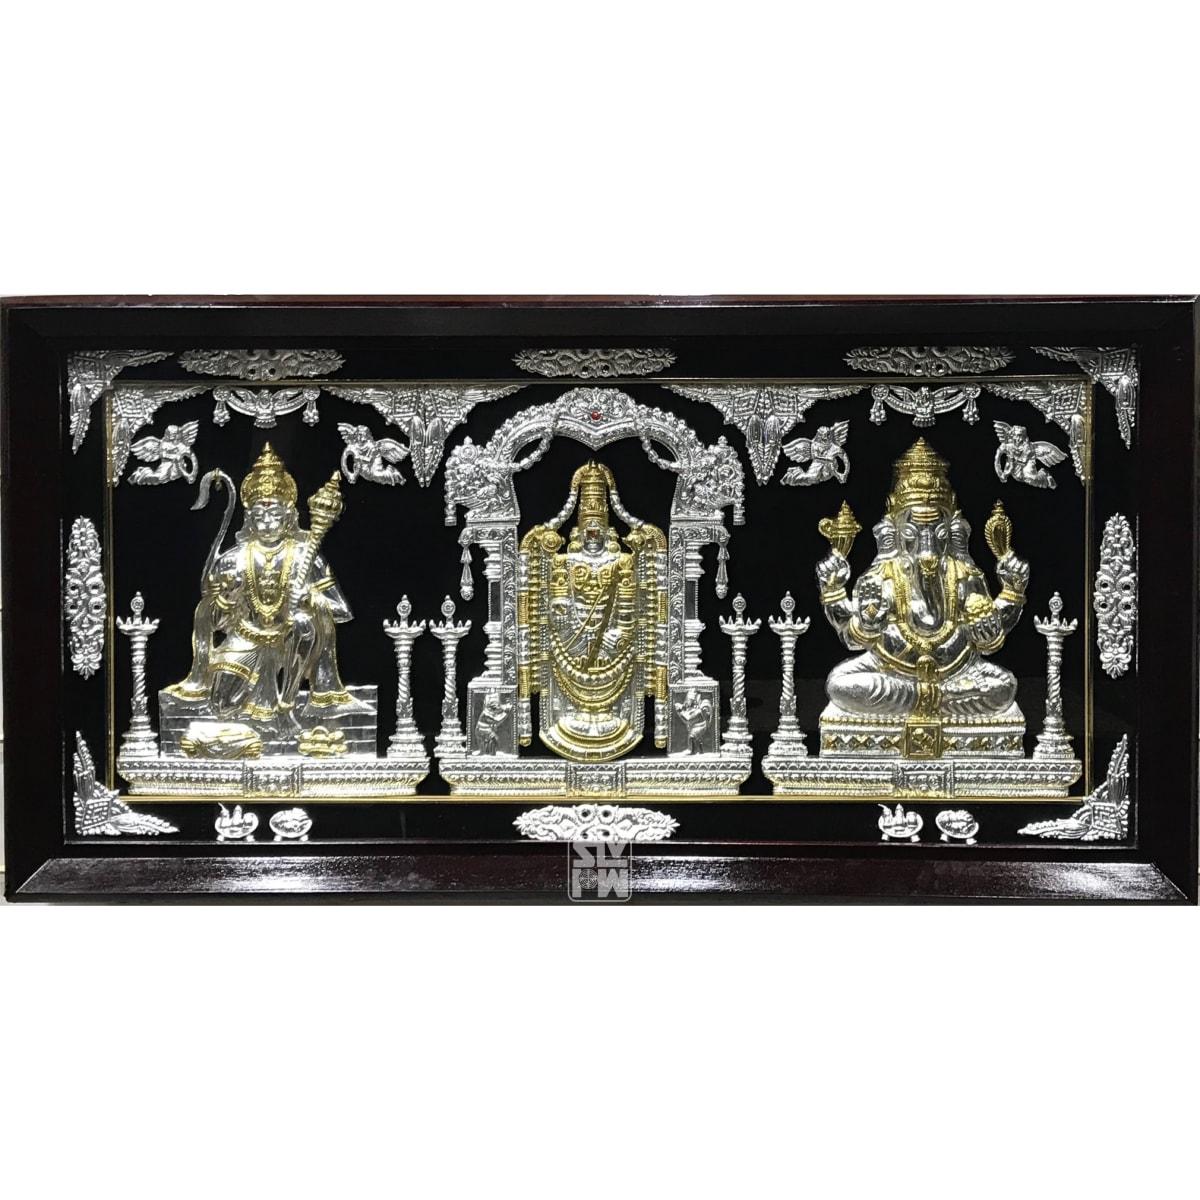 22x42 Hanuman Balaji Ganesha Gold Polish